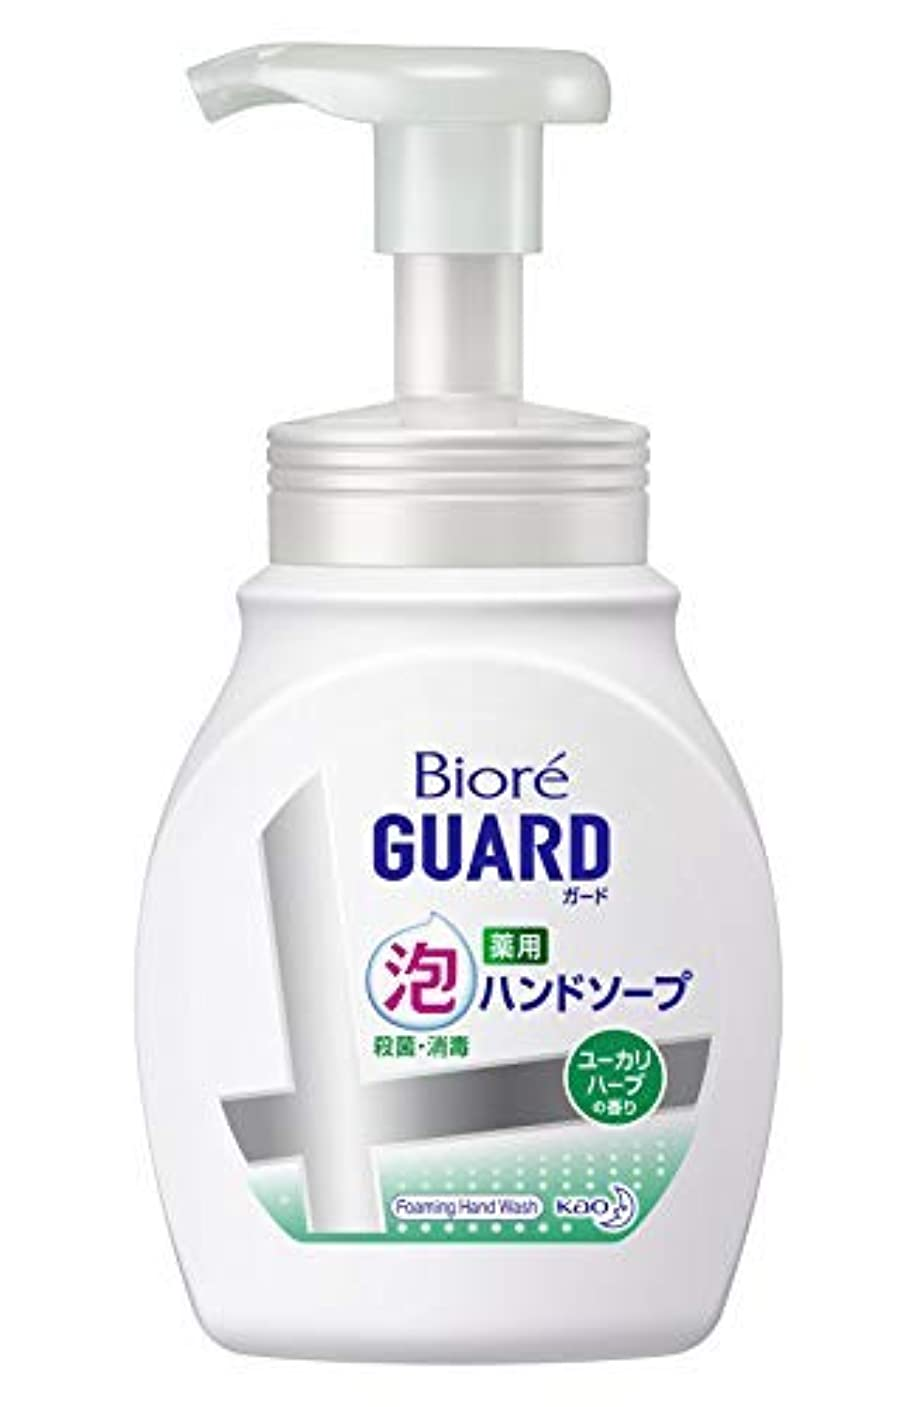 治療栄養何か花王 ビオレガード 薬用泡ハンドソープ ユーカリハーブの香り ポンプ 250ml × 5個セット